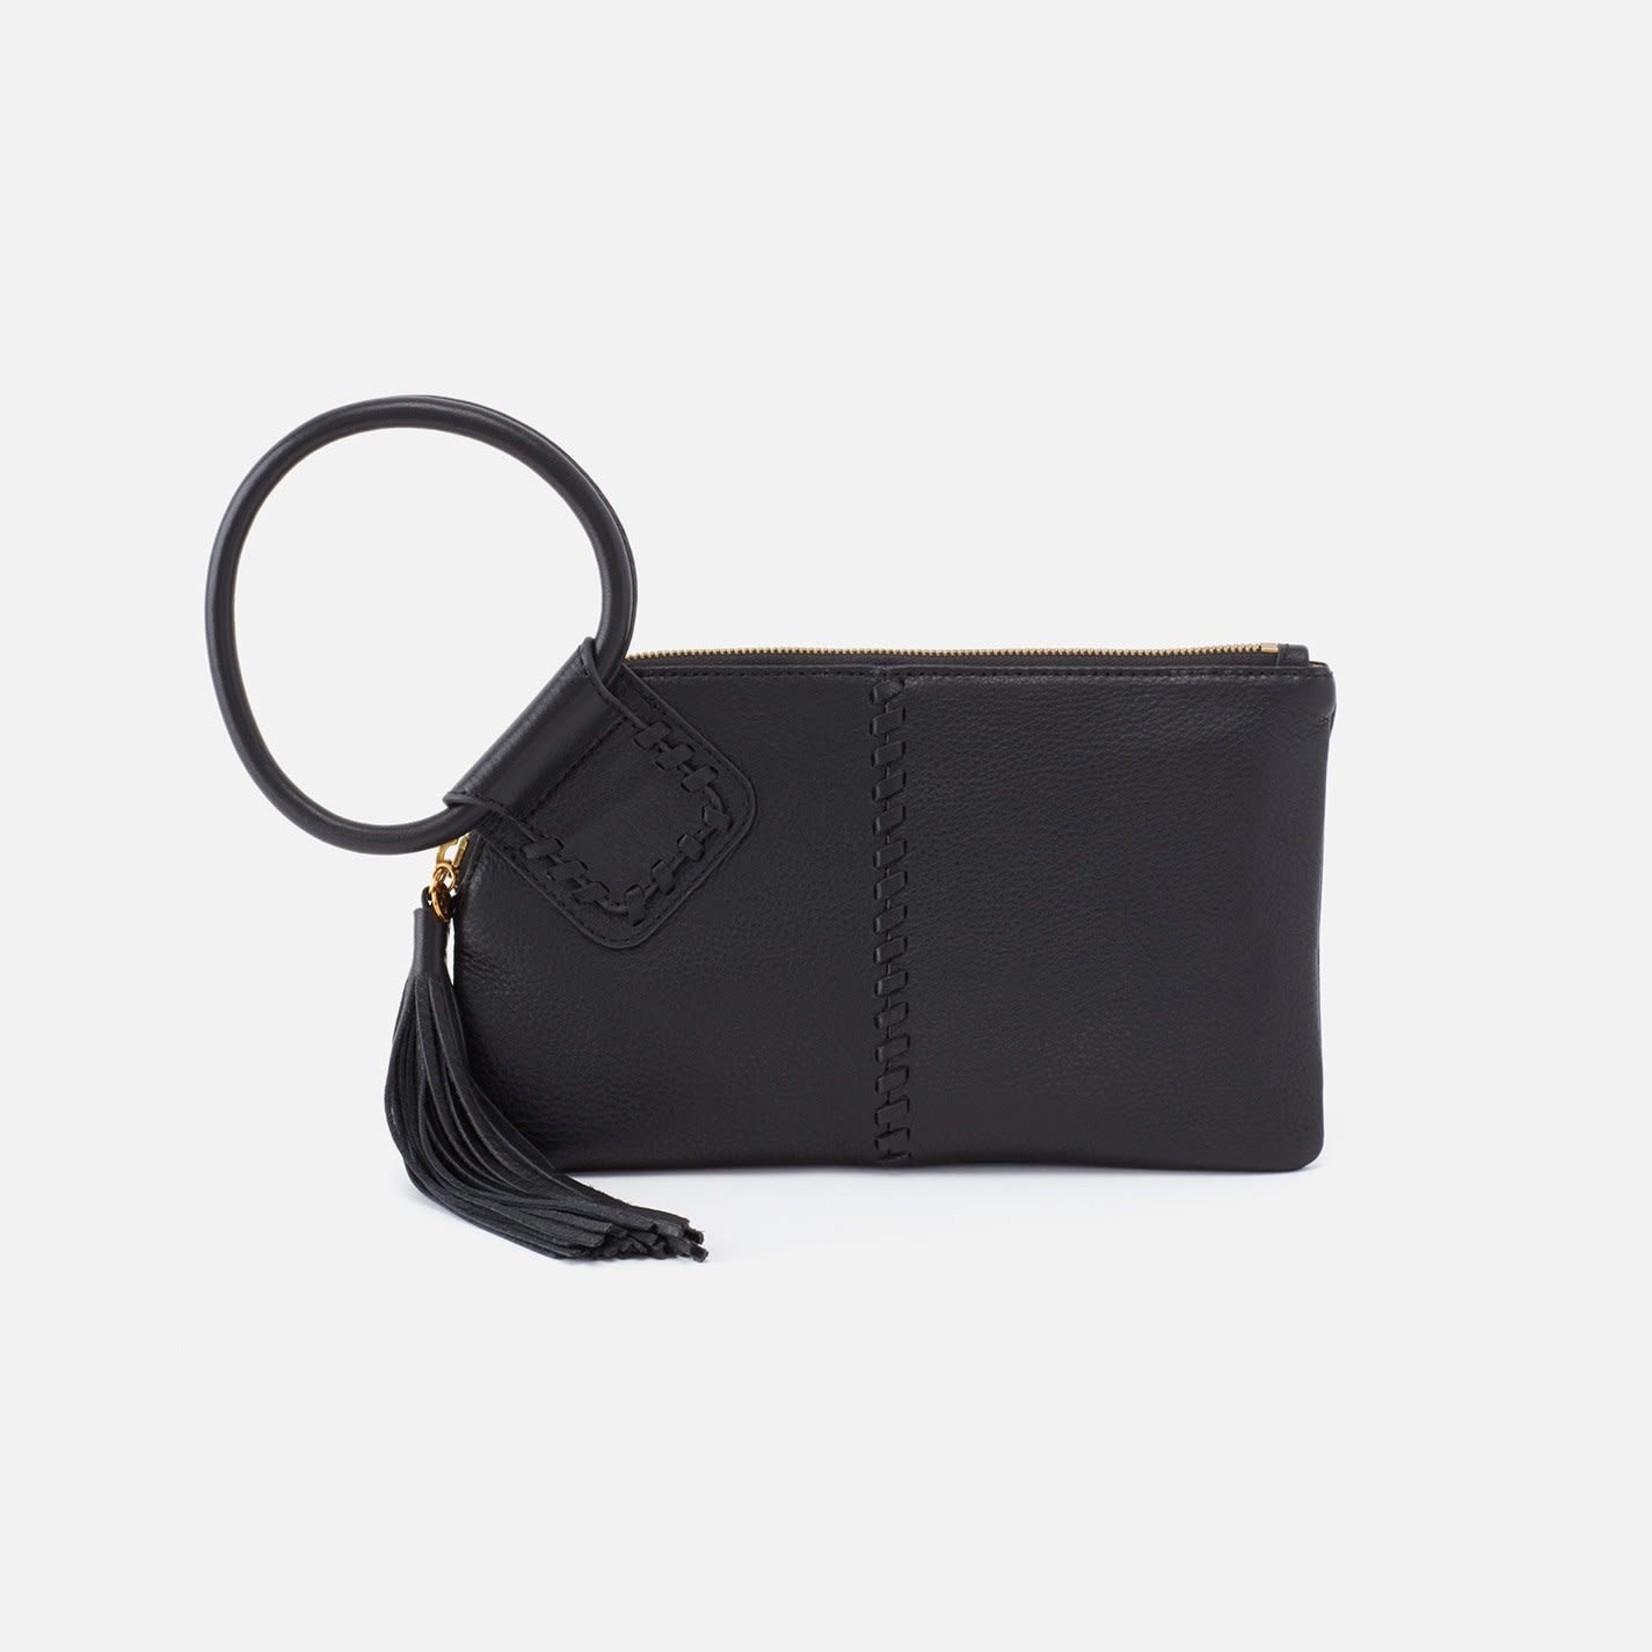 HOBO Sable Black Pebbled Leather Wristlet w/Loop